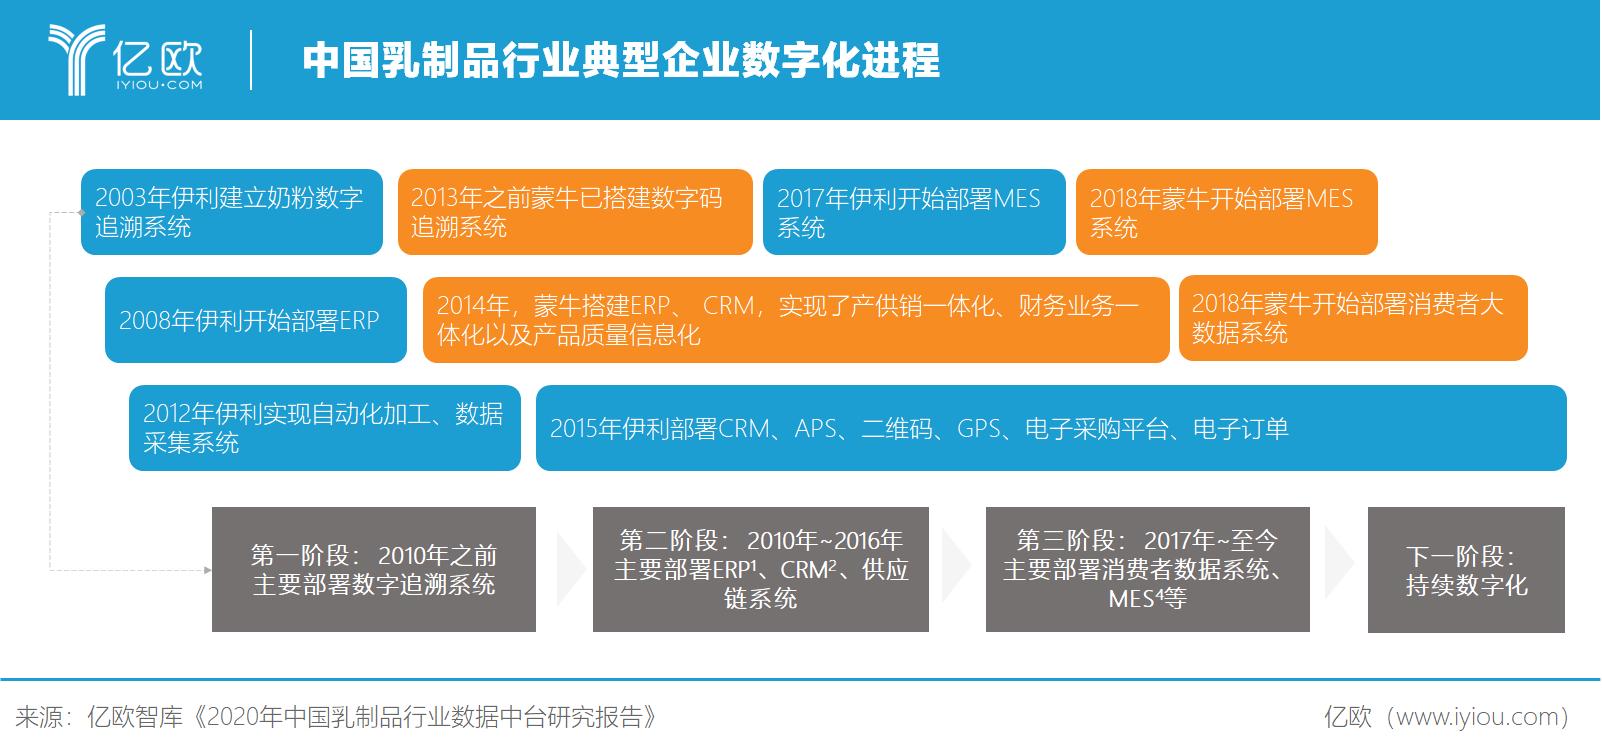 中国乳制品行业典型企业数字化进程